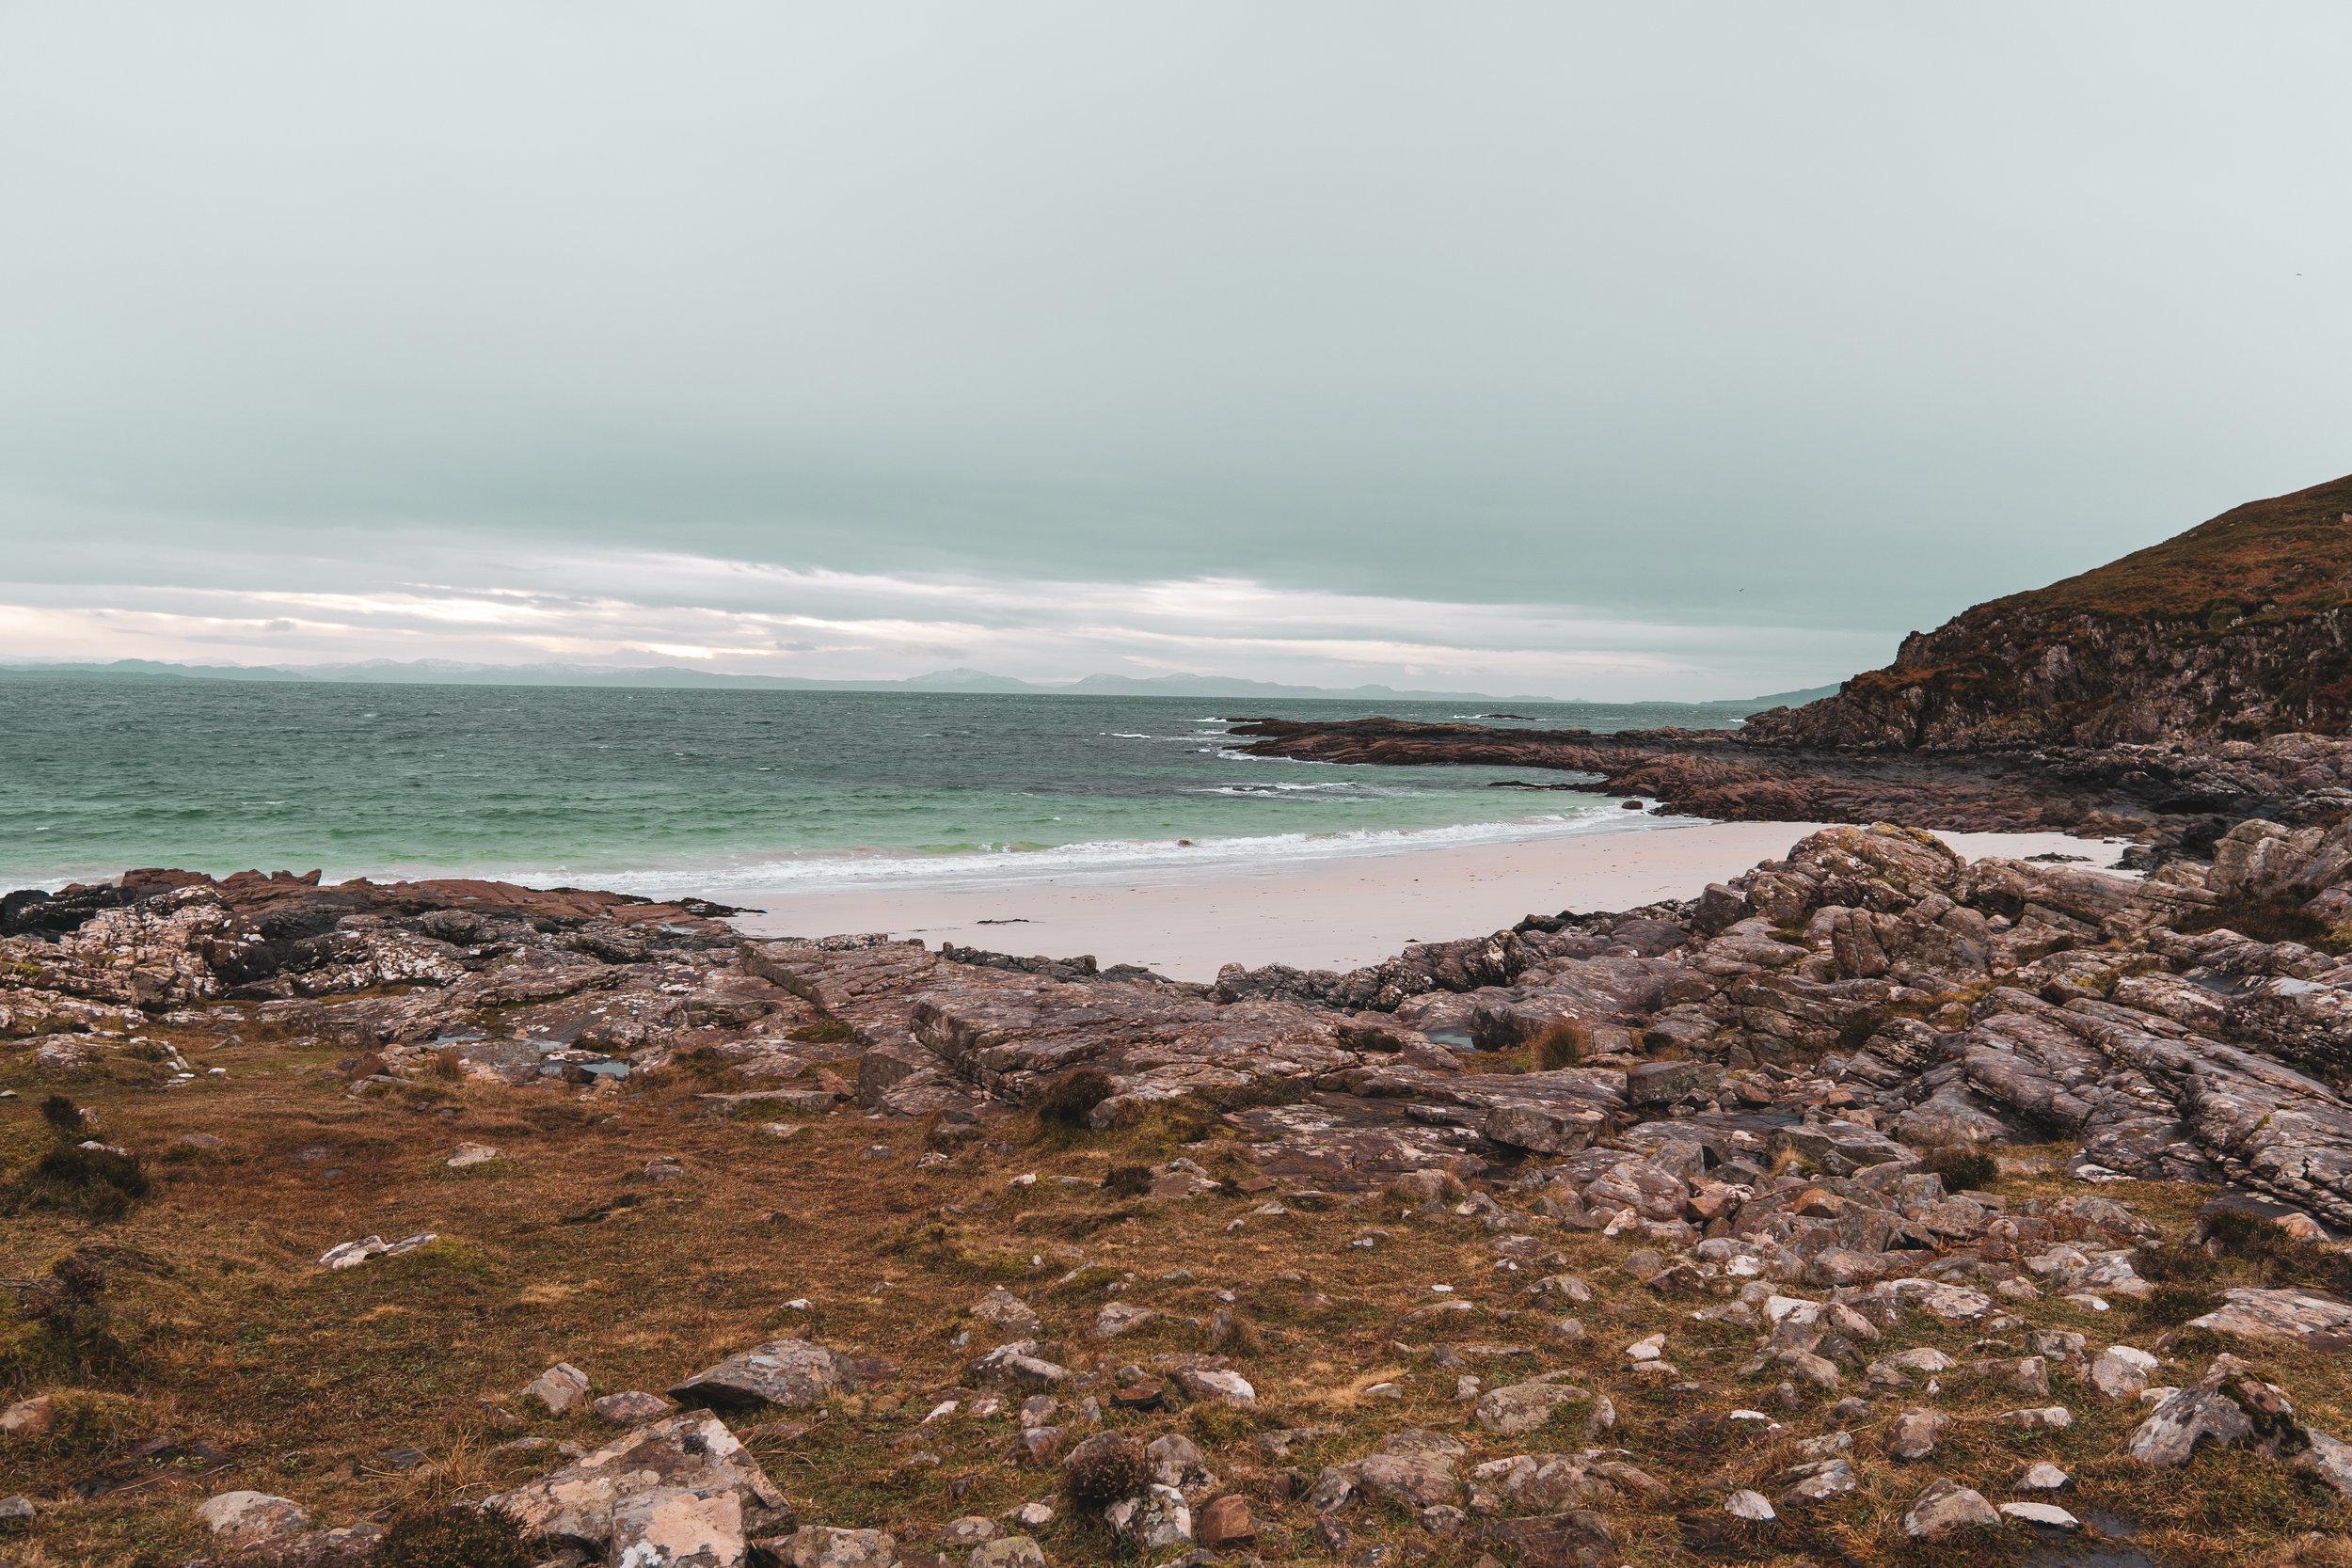 Isle-of-Skye-Point-of-Sleat (8).jpg